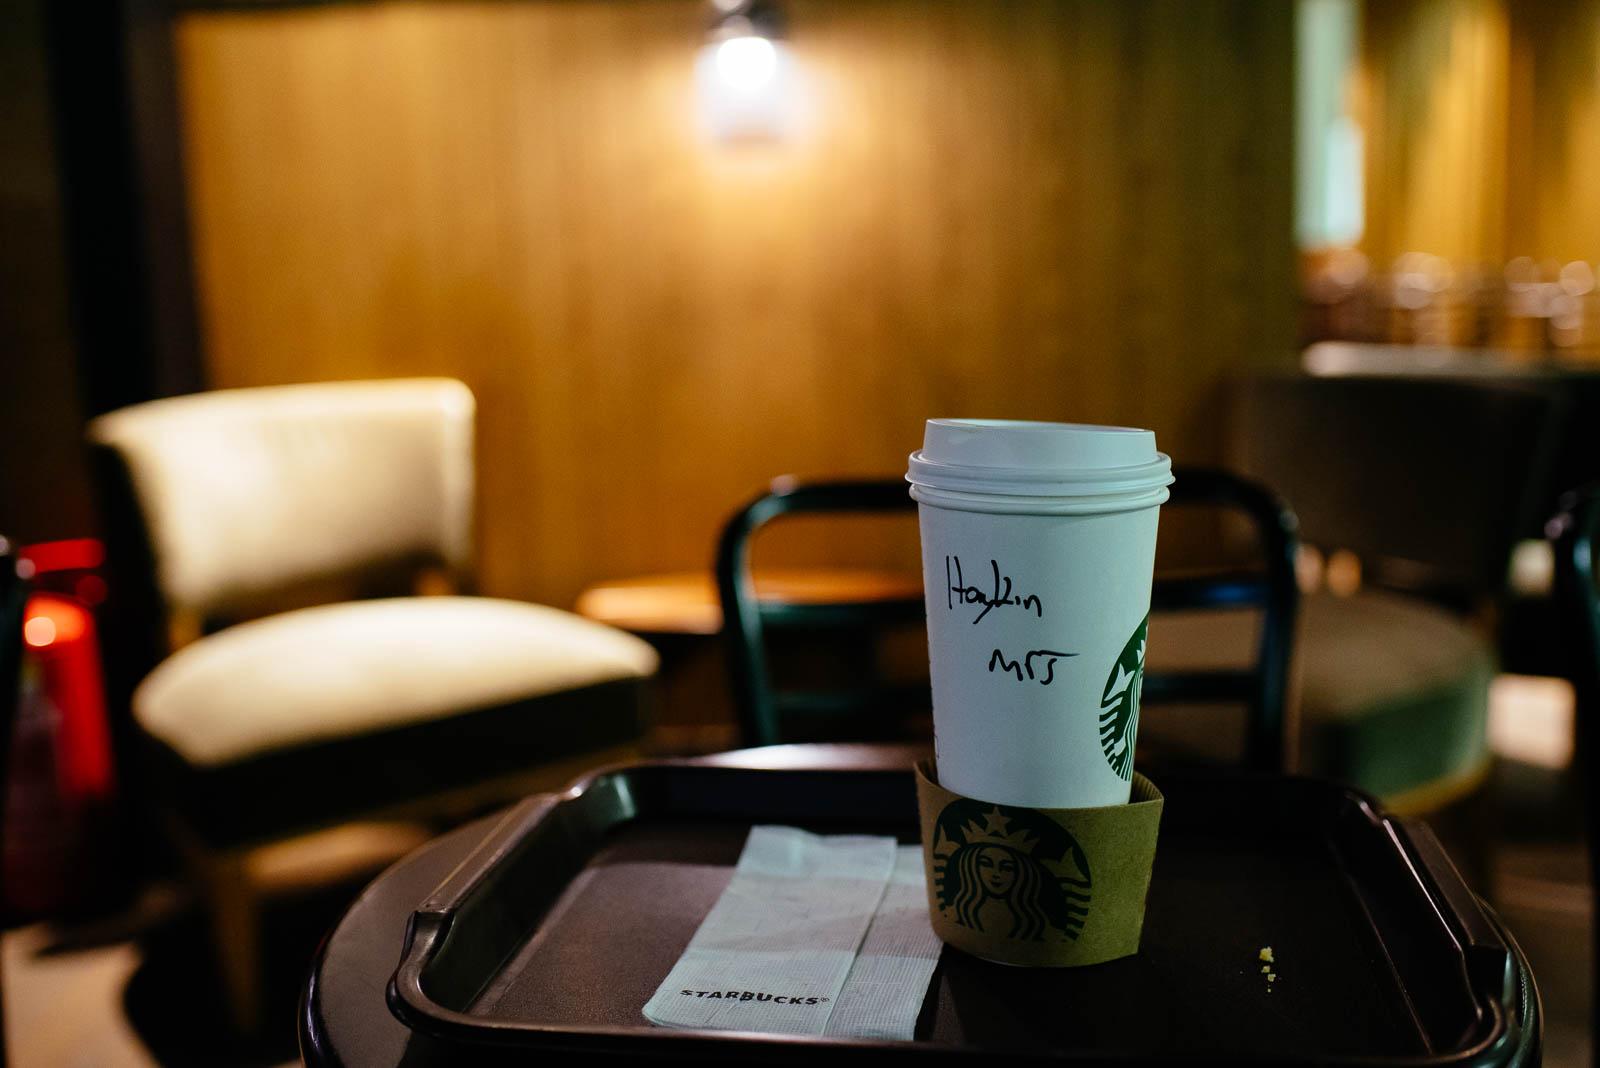 Reisepannen Istanbuler Flughafen Sabiha Gökcen Starbucks Name falsch geschrieben